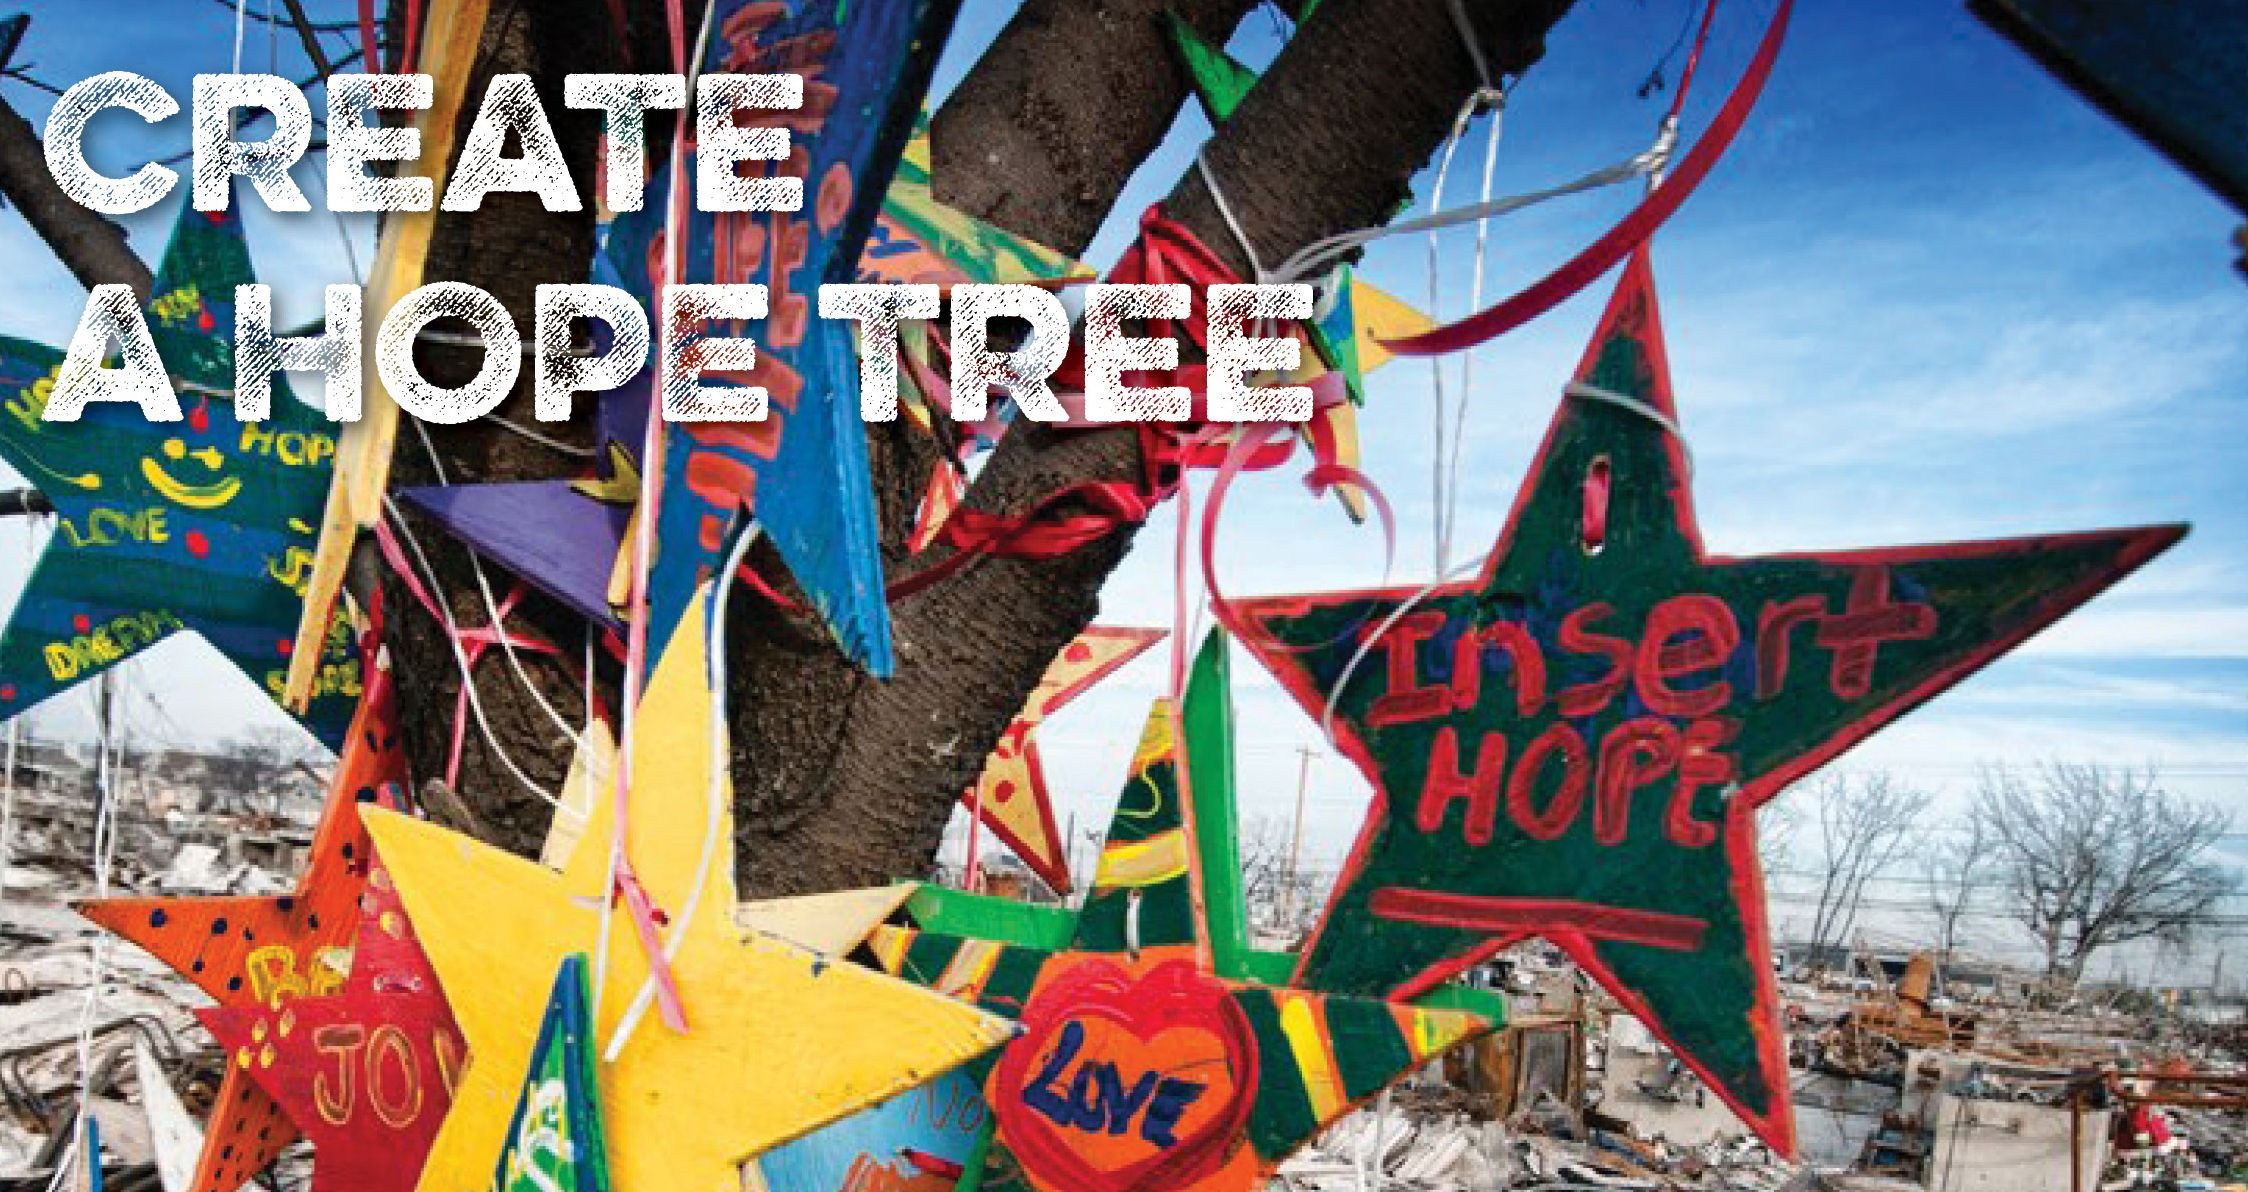 September 11, stars of hope, create hope, hope tree, 911 day